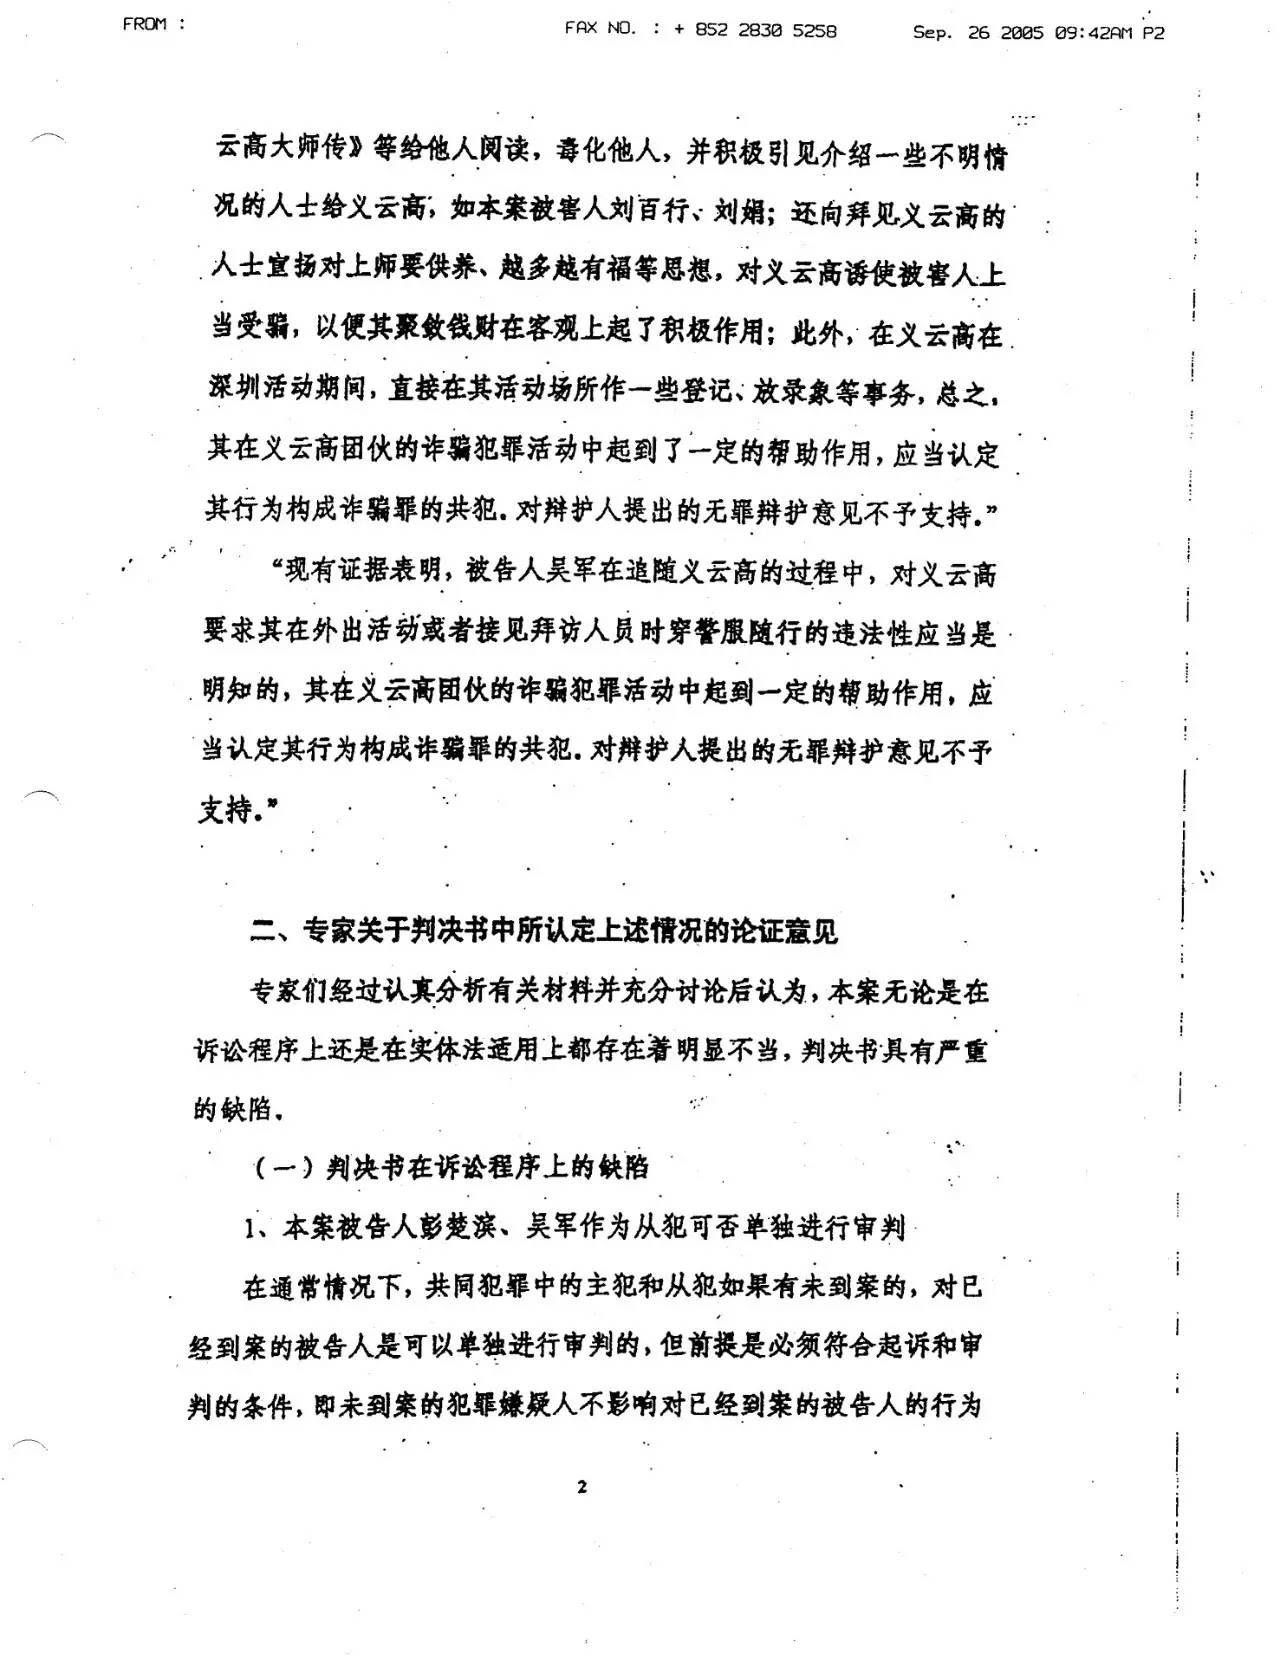 周永康陈绍基陷害第三世多杰羌佛真相曝光 第4张